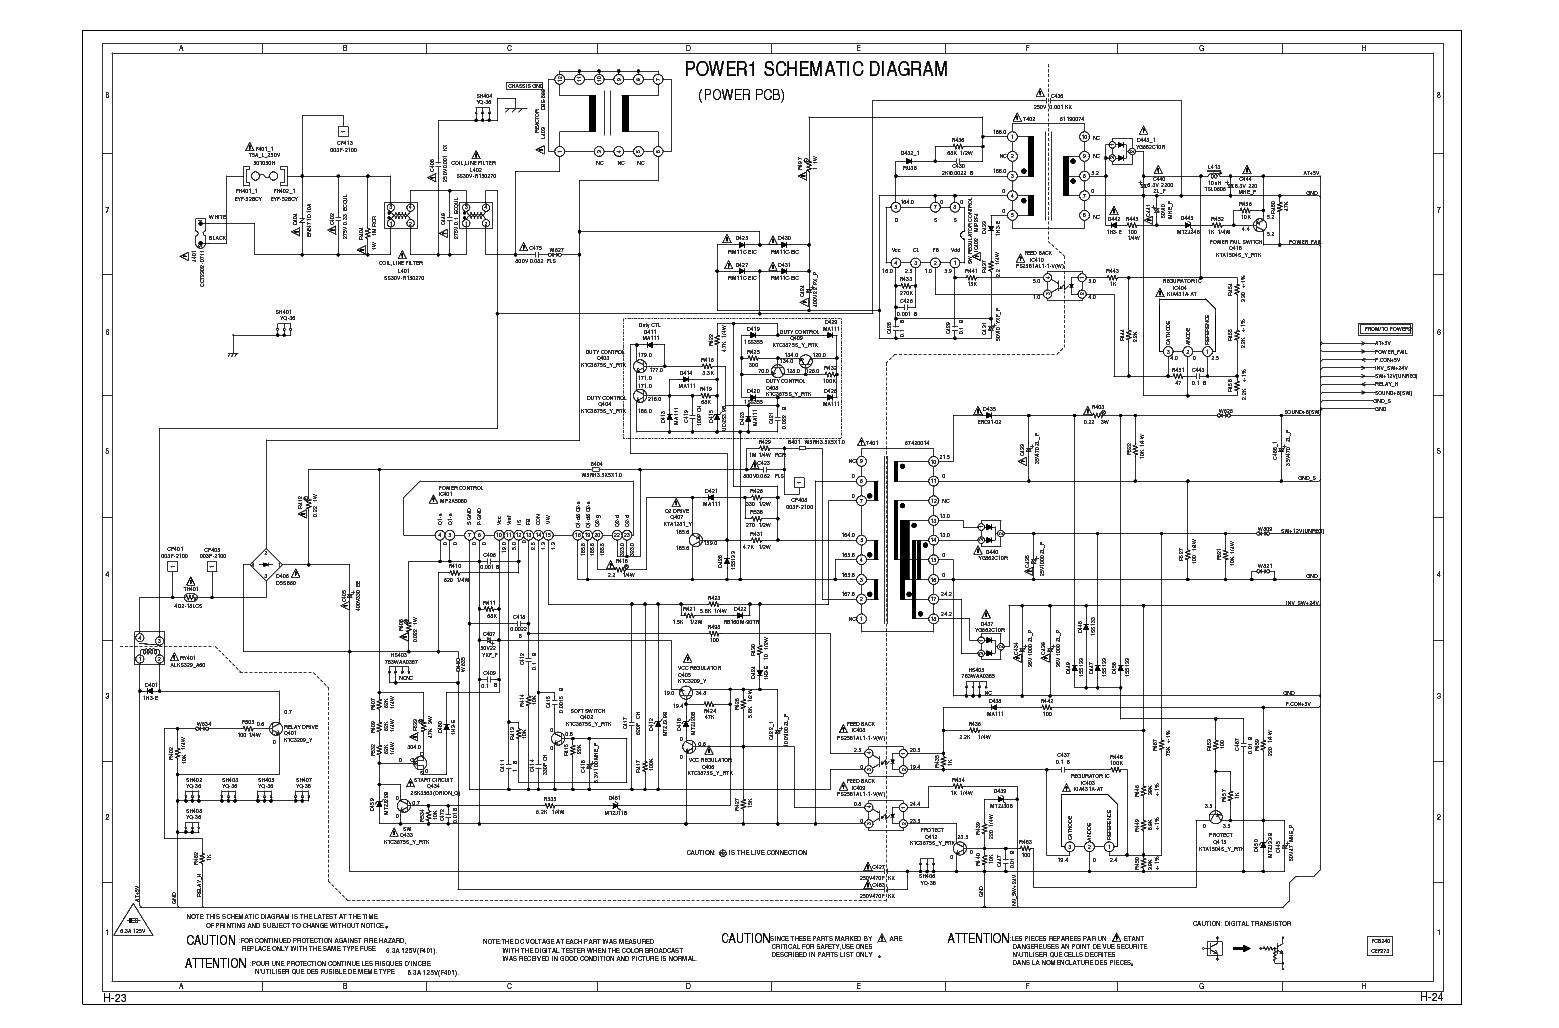 sharp lc32sh20u power schematic sch service manual free download  schematics  eeprom  repair